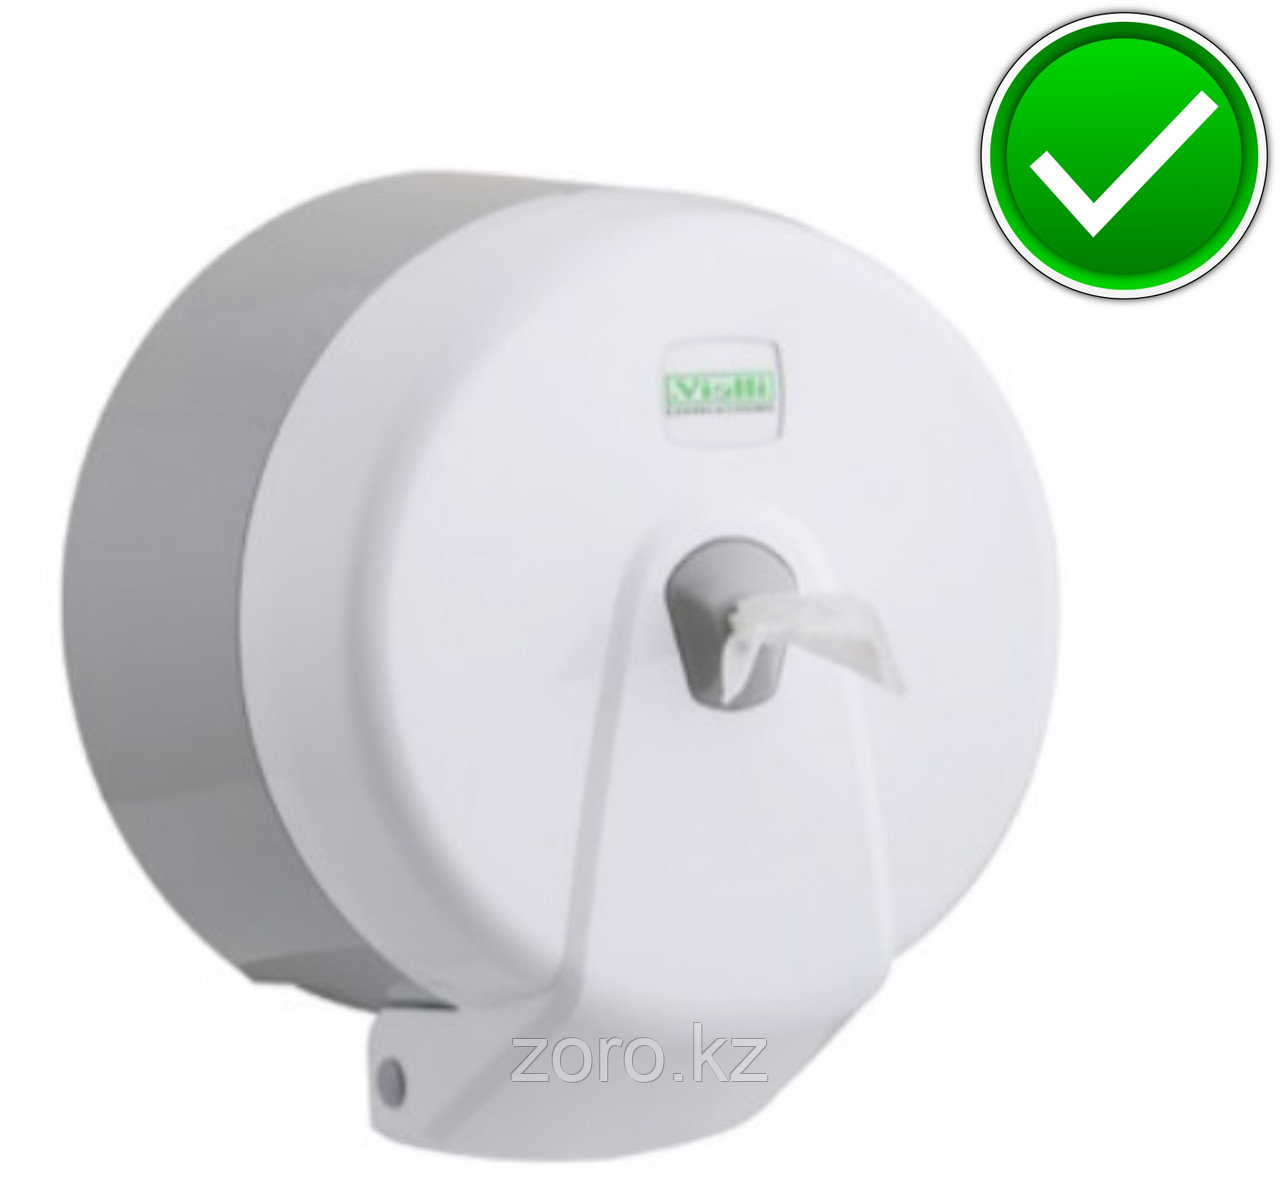 Диспенсер (Vialli) для туалетной бумаги Джамбо центральной вытяжки белый пластик